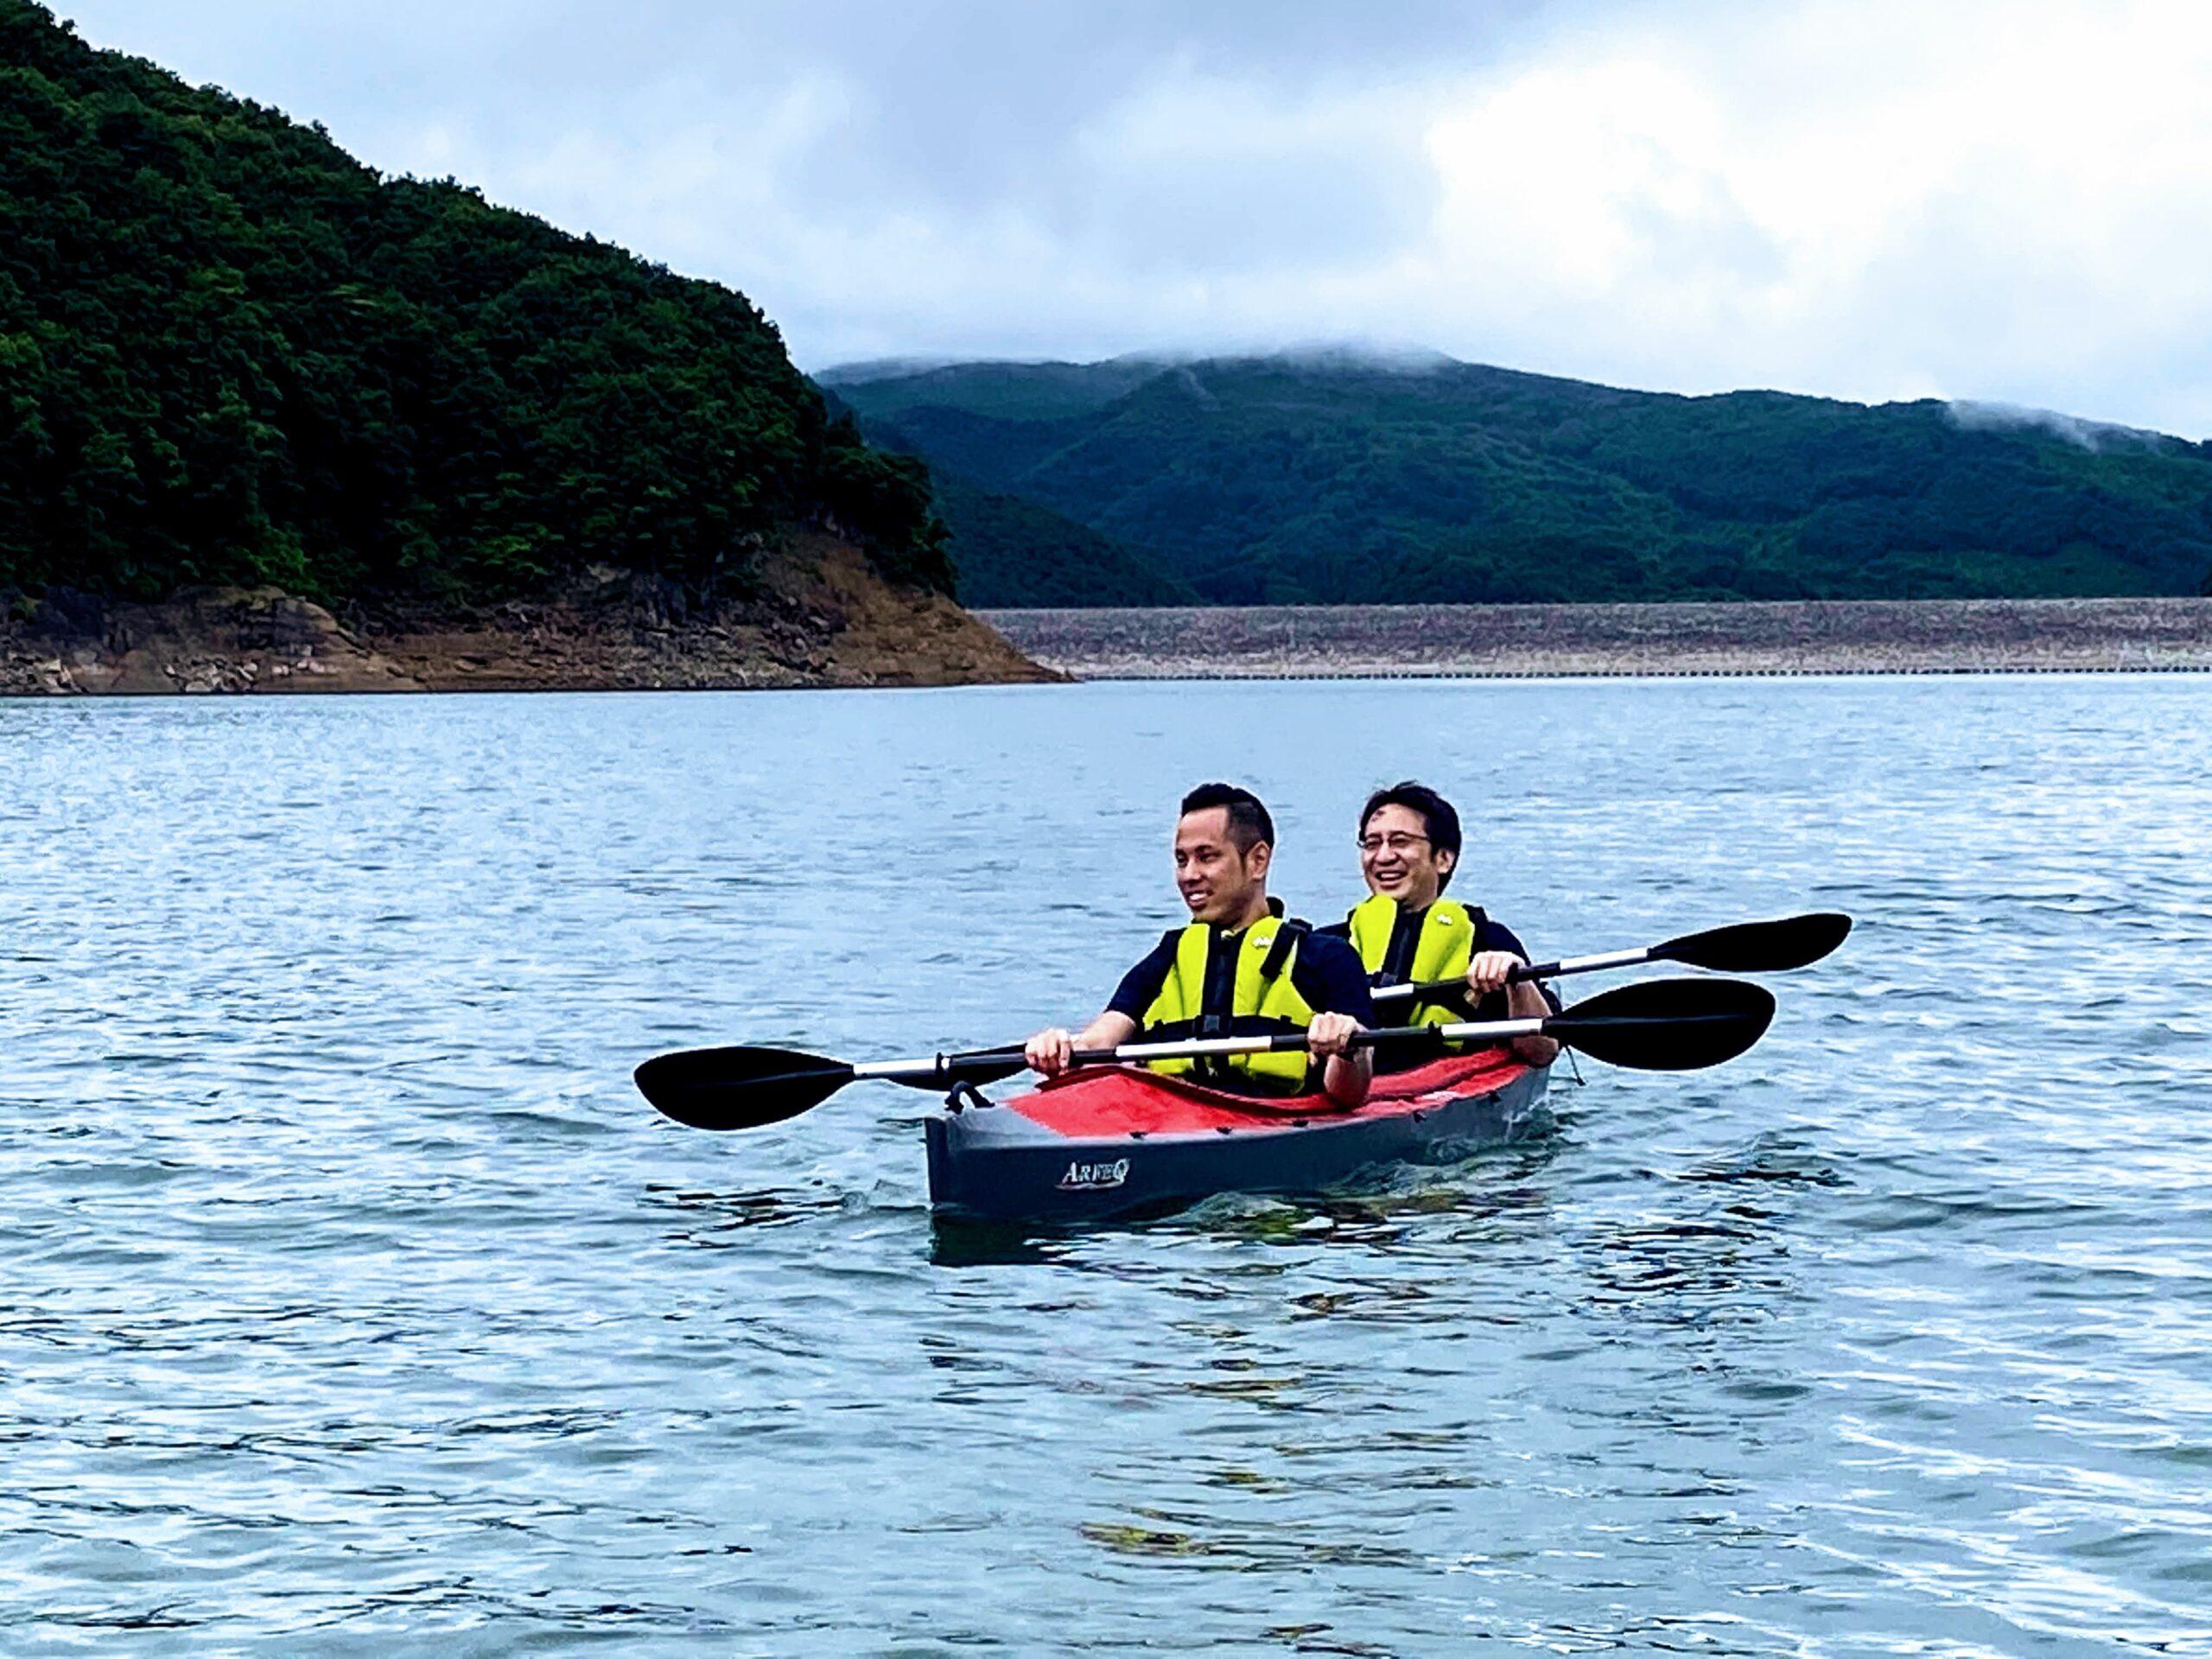 茂庭の広い湖を独り占め!モンドセレクション受賞の水質でカヌー体験